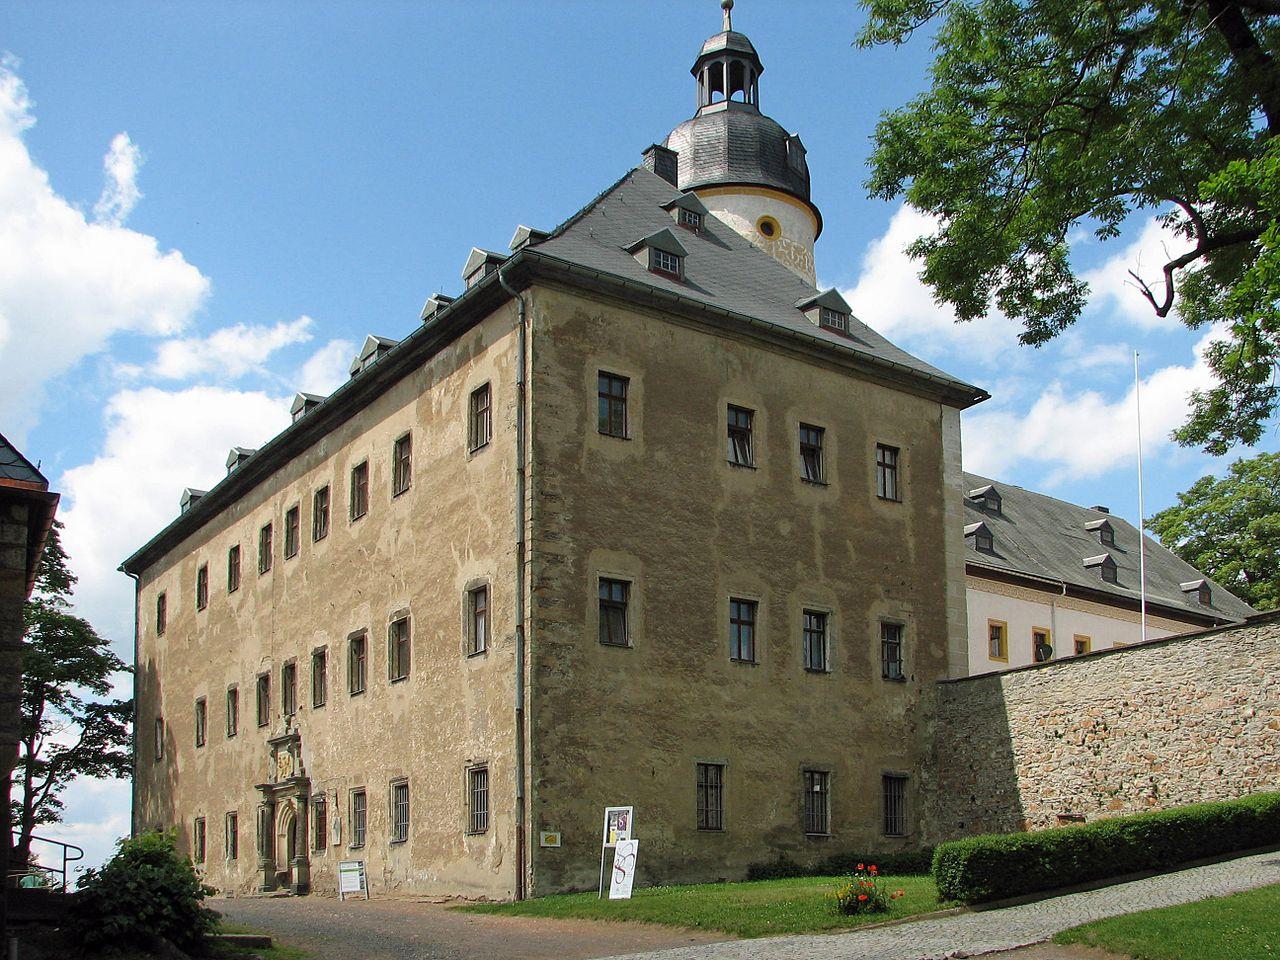 Bild Gottfried Silbermann Museum auf Schloss Frauenstein